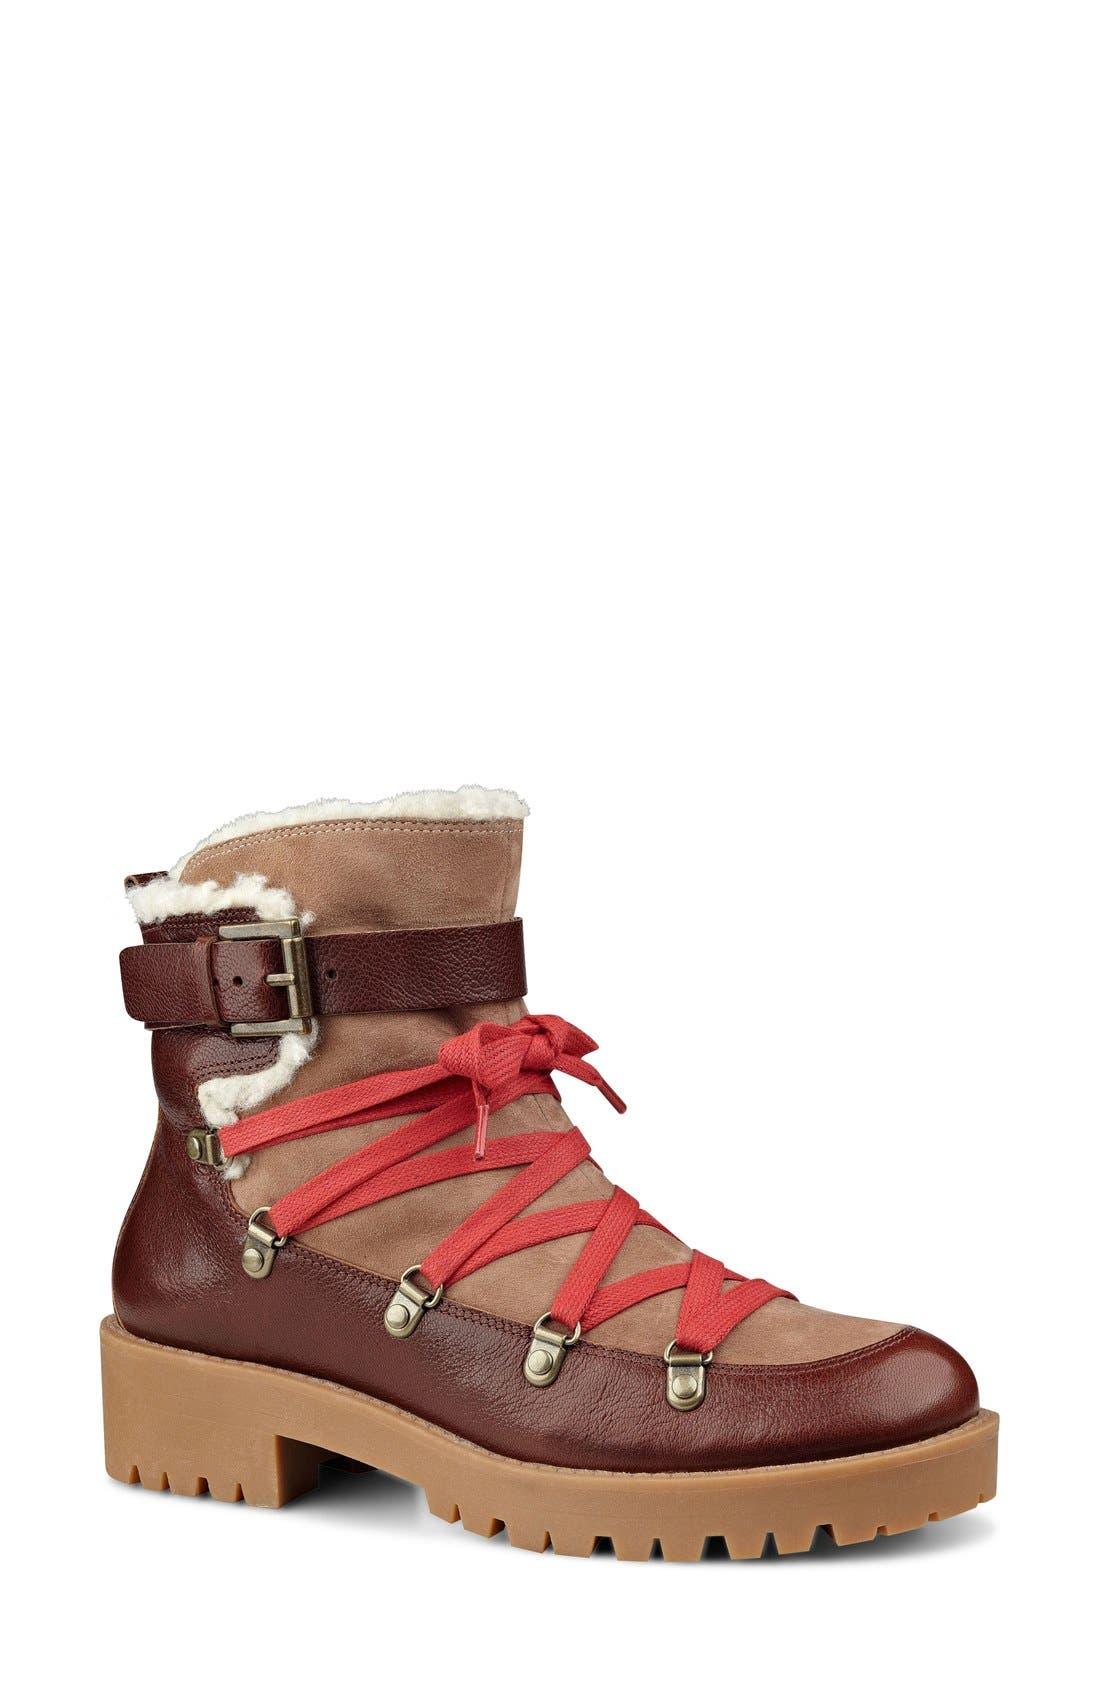 Alternate Image 1 Selected - Nine West 'Orynne' Hiker Boot (Women)